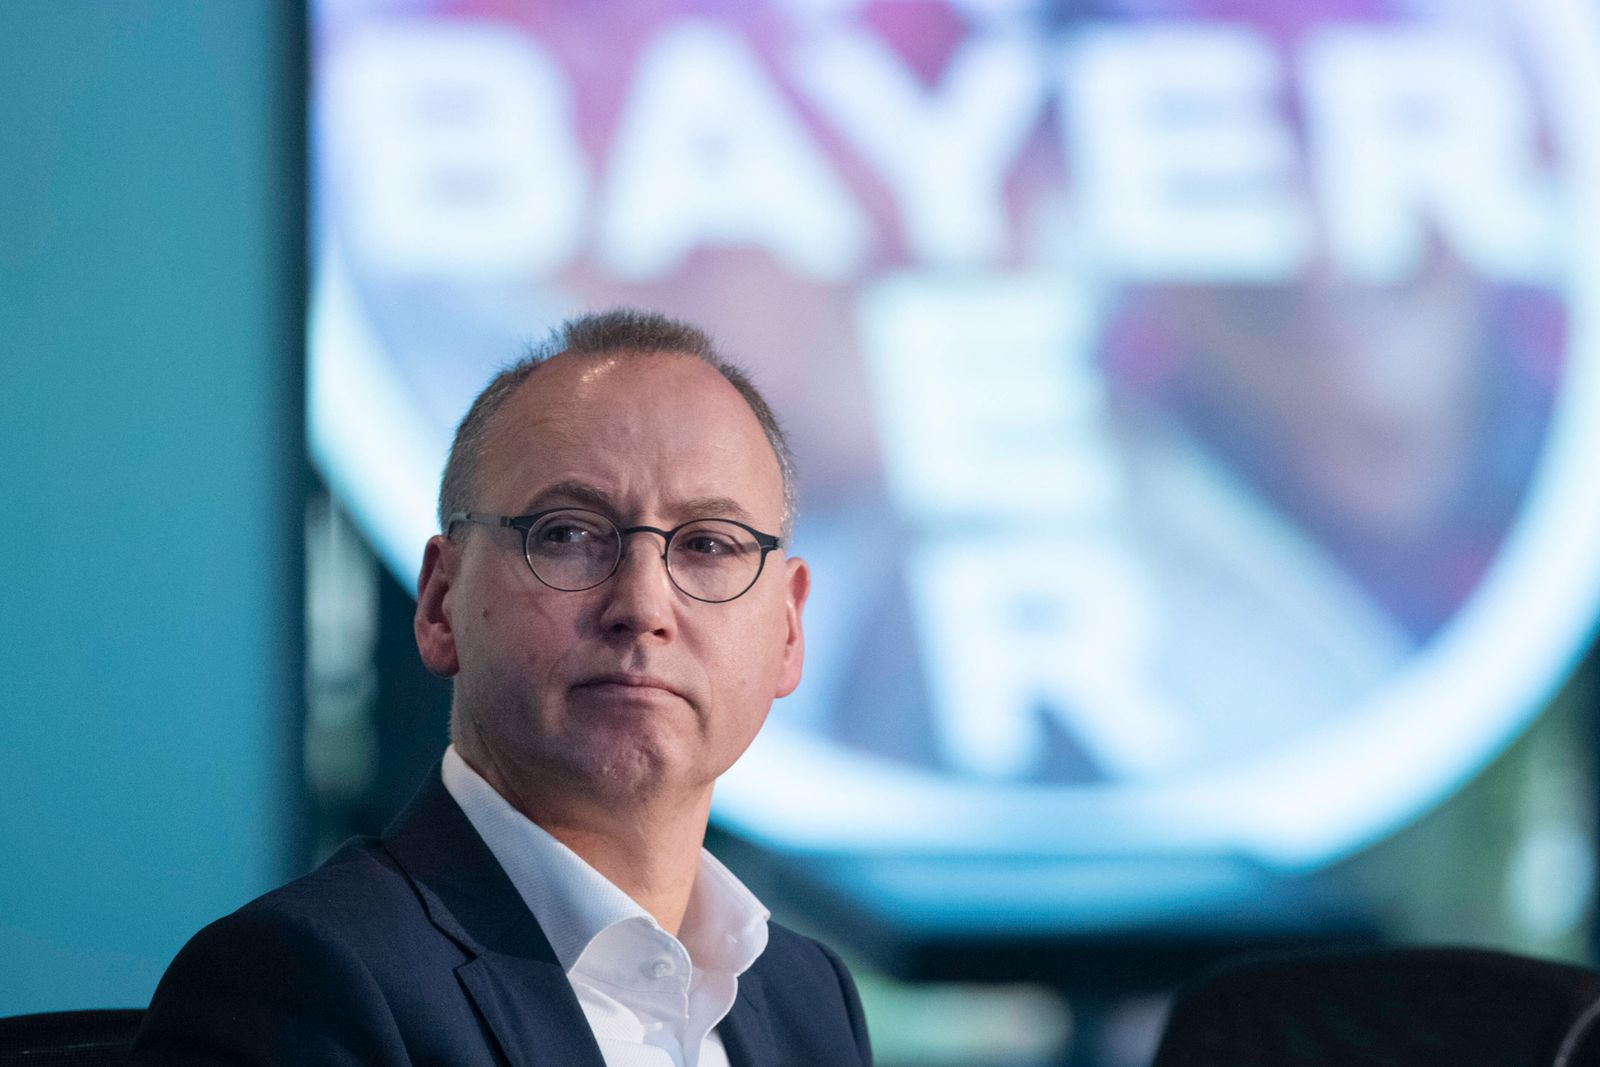 Werner BAUMANN, Vorstandsvorsitzender, CEO, Portraet, Porträt, Portrait, Angeschnittenes Einzelbild, Einzelmotiv, Bilanz